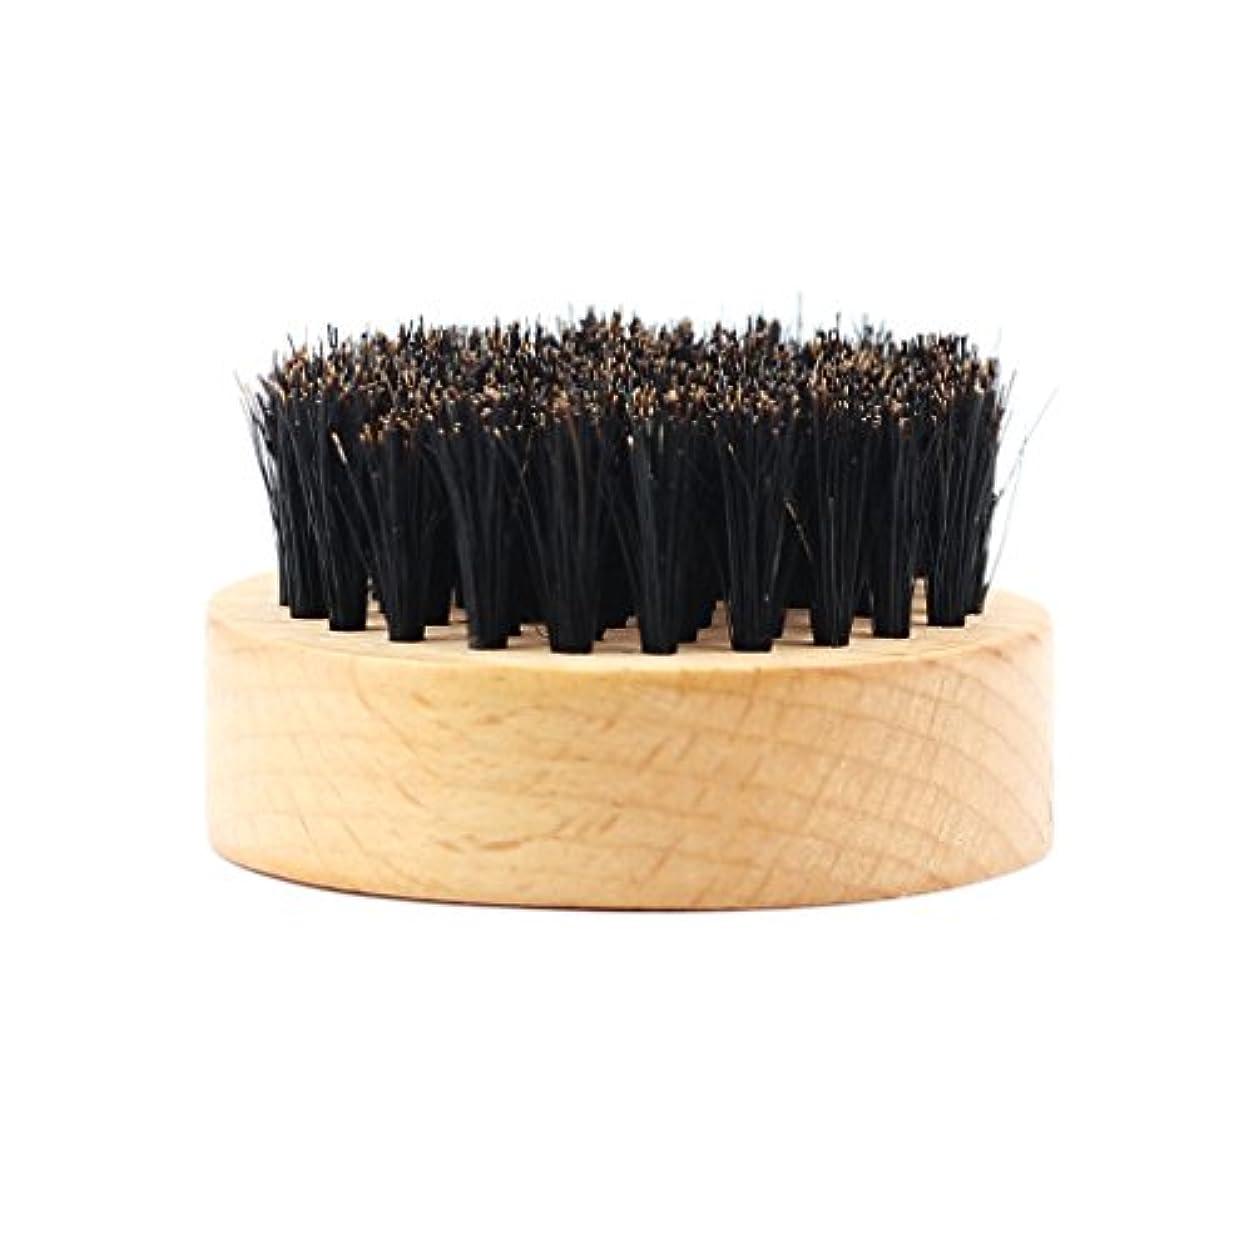 高潔な等価冷蔵庫髭ブラシ 男性 ひげ剃り 天然木ハンドル ひげそり グルーミング 2タイプ選べる - #2